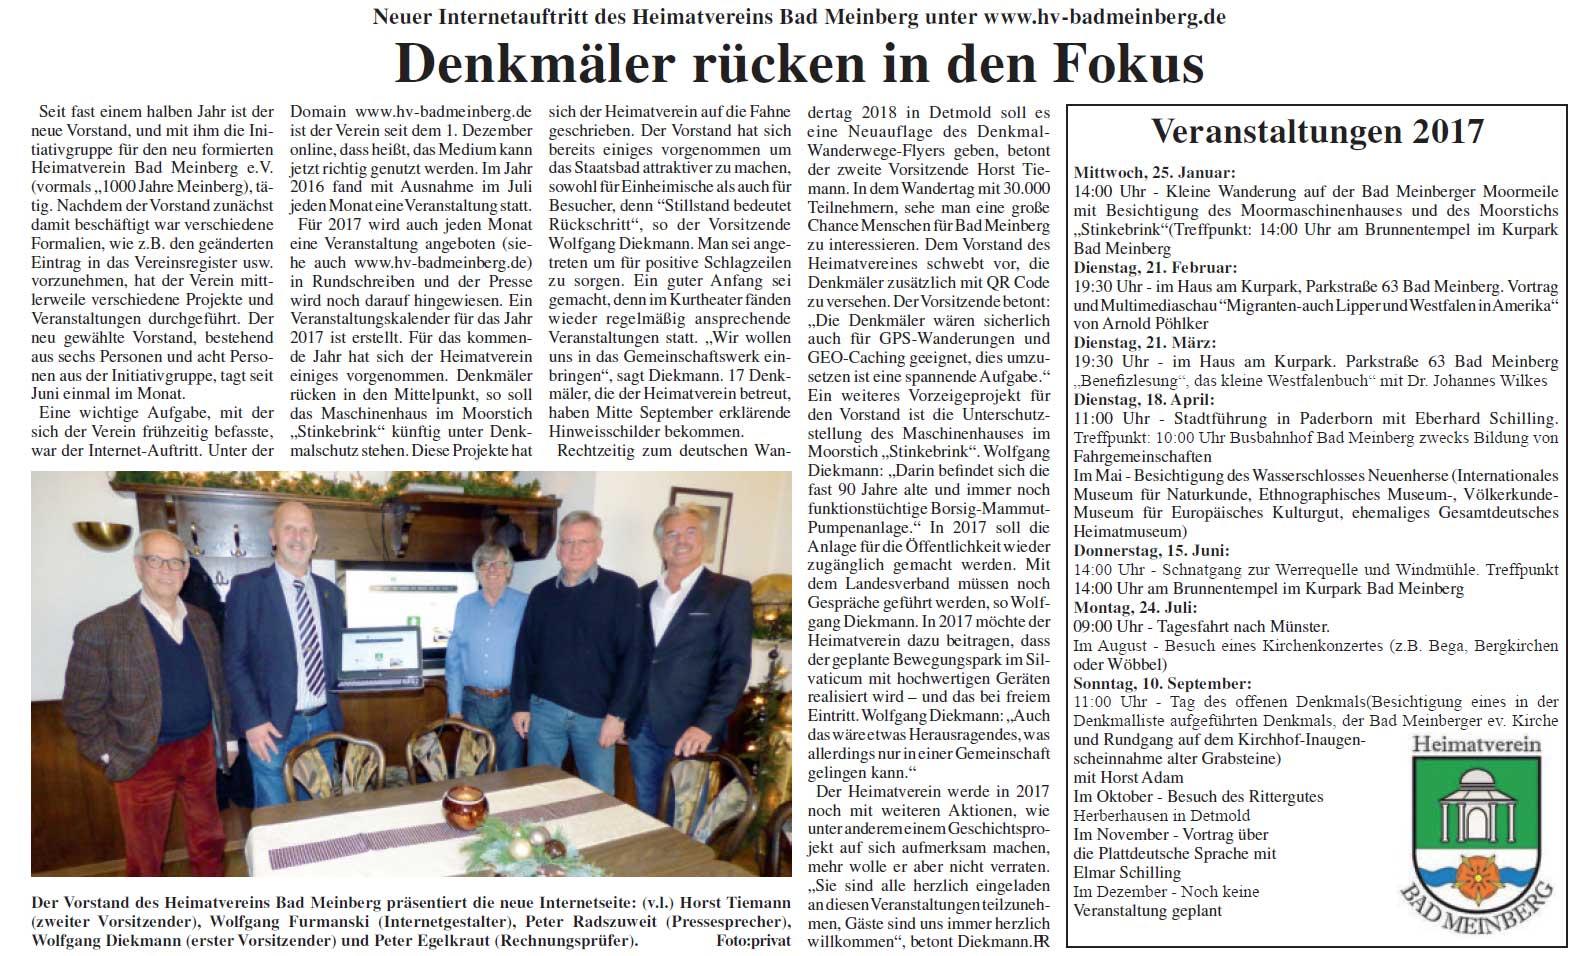 denkmal_focus